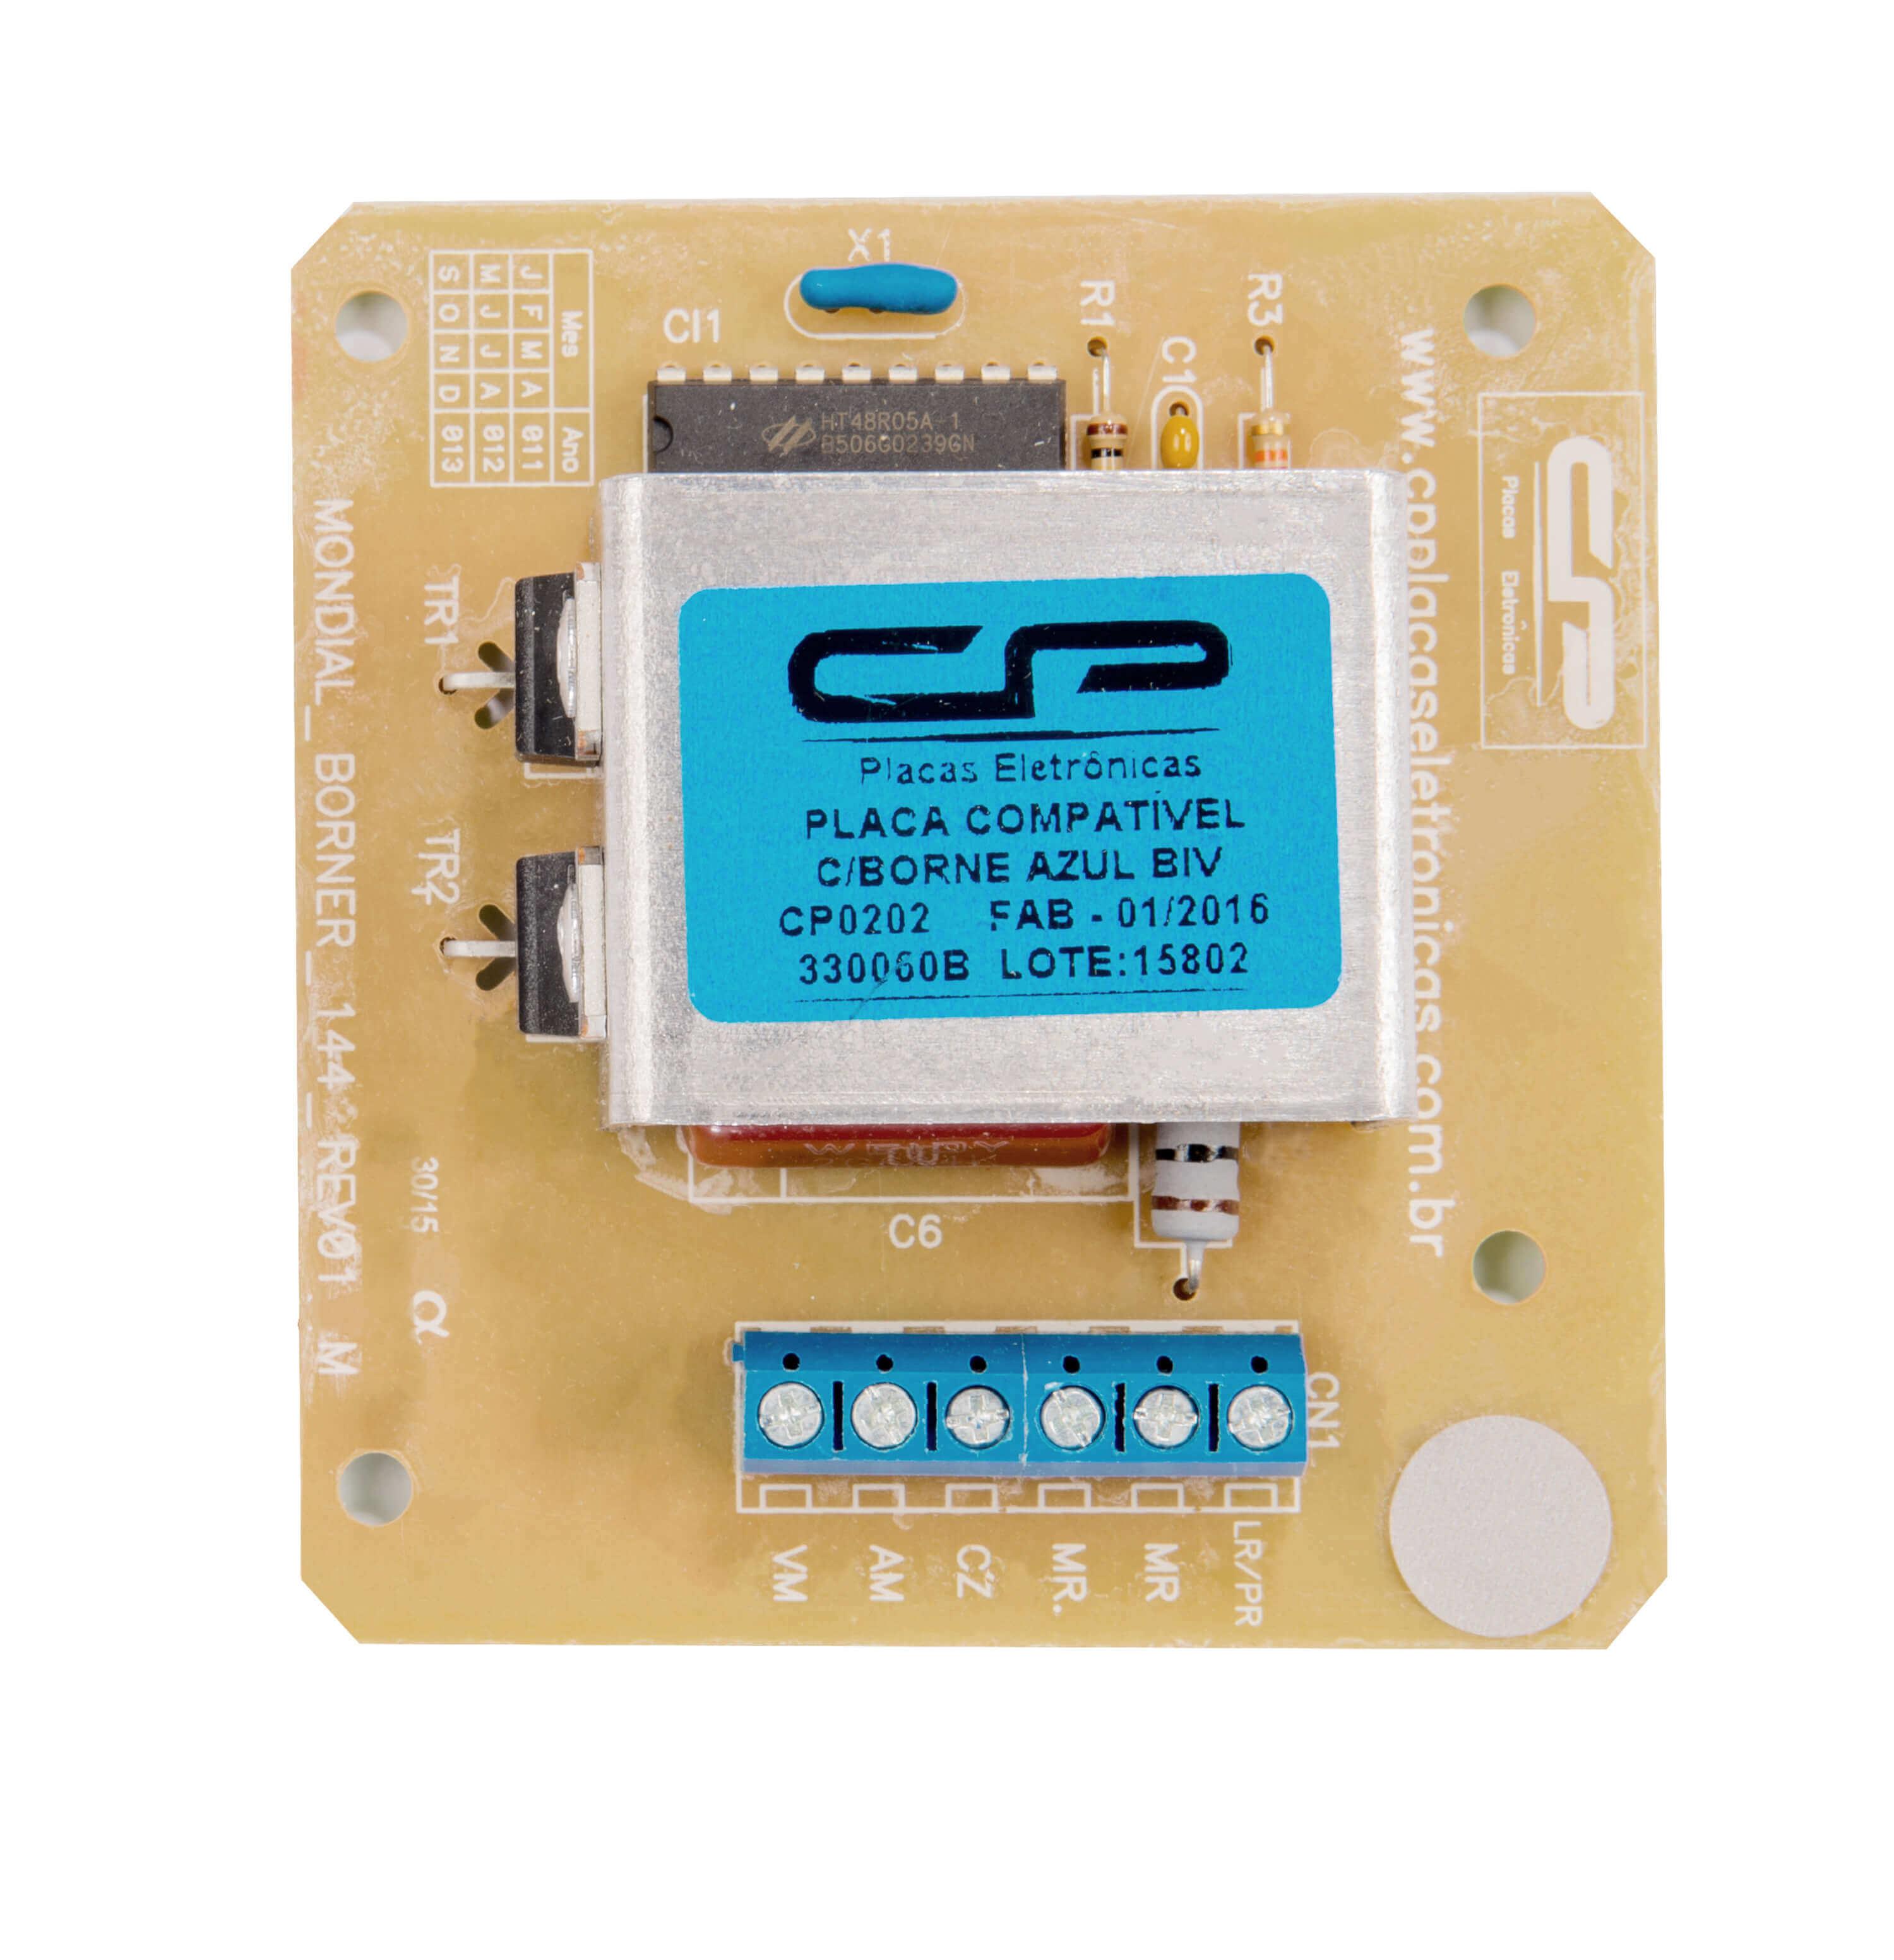 CP 0202 - Placa compatível lavadora 330060b /330061b com borner azul bivolt